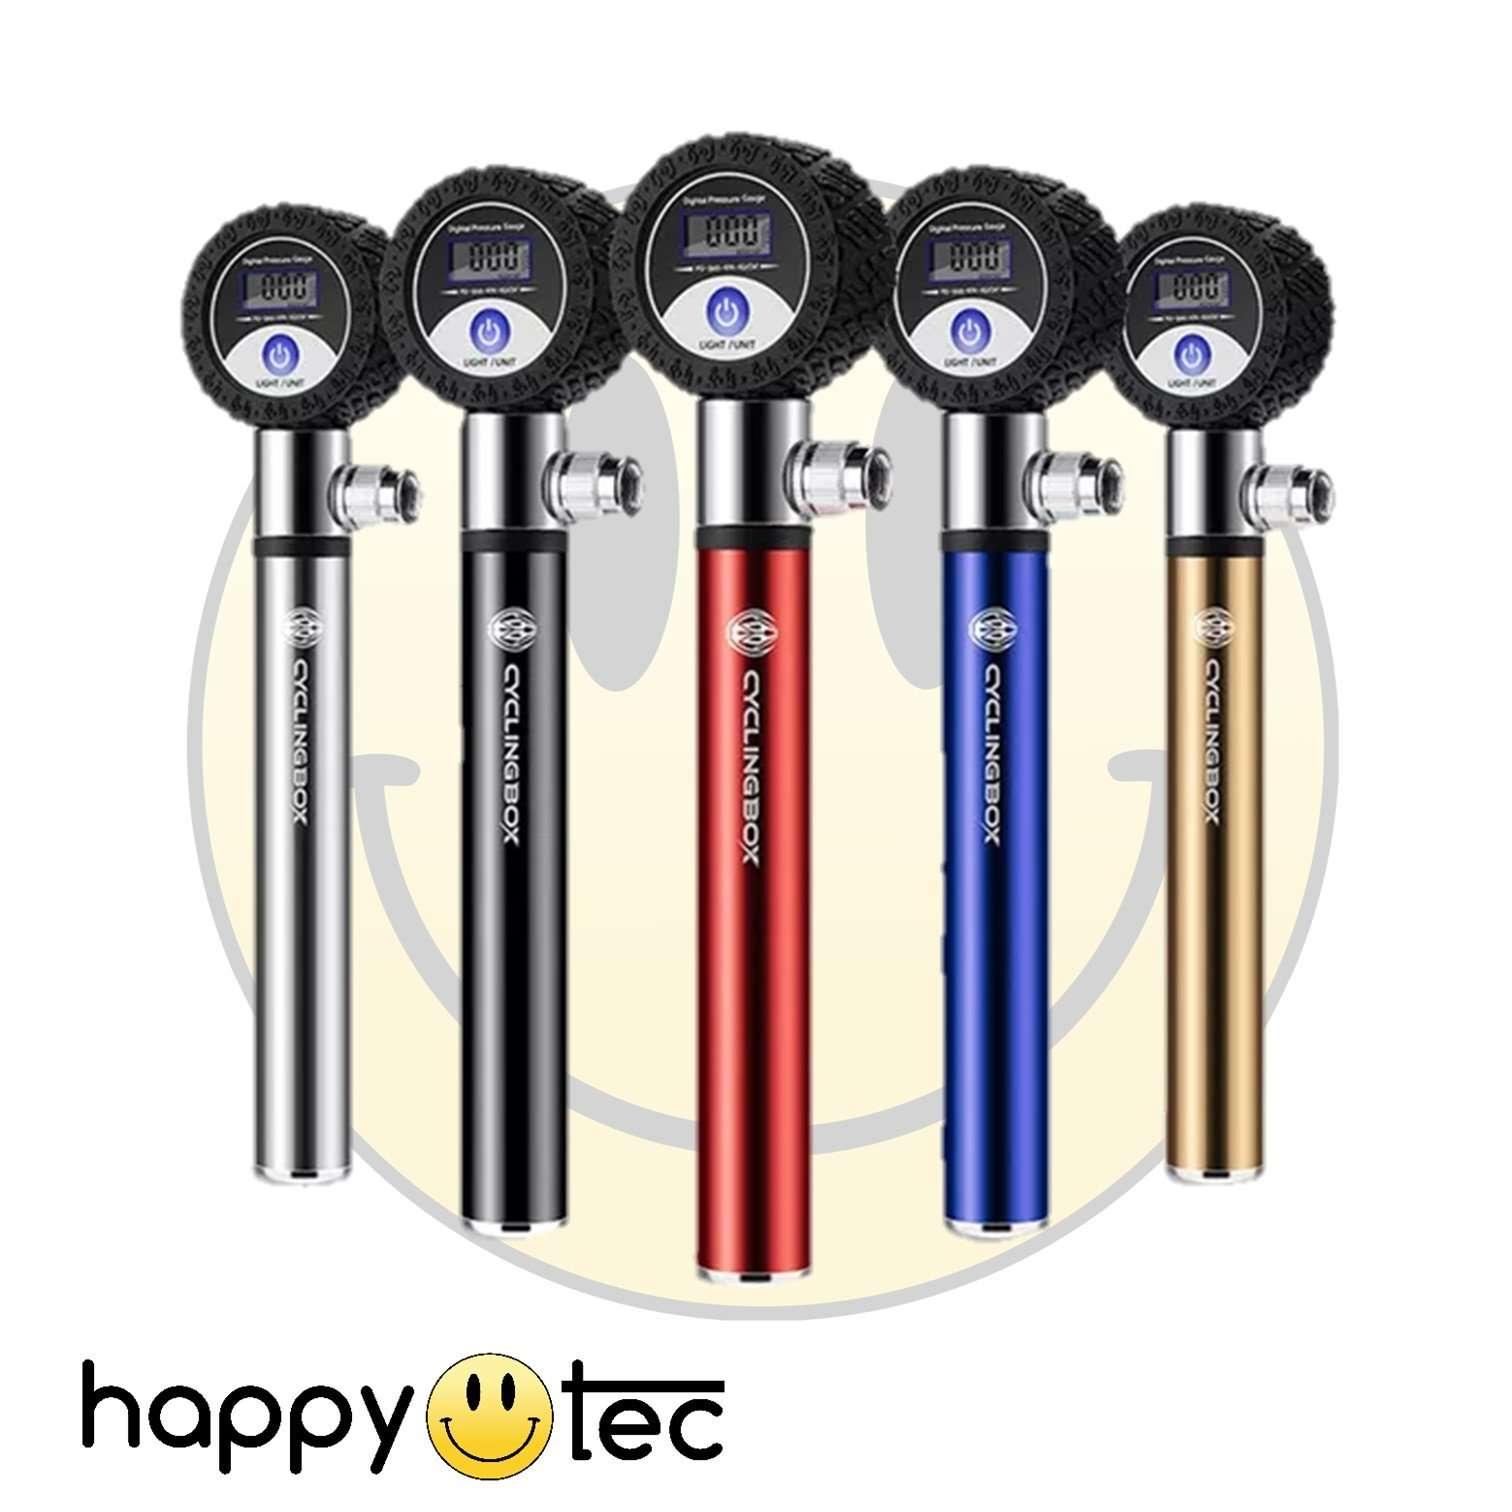 Pompa portatile per bici e monopattino ad alta pressione con manometro digitale Argento